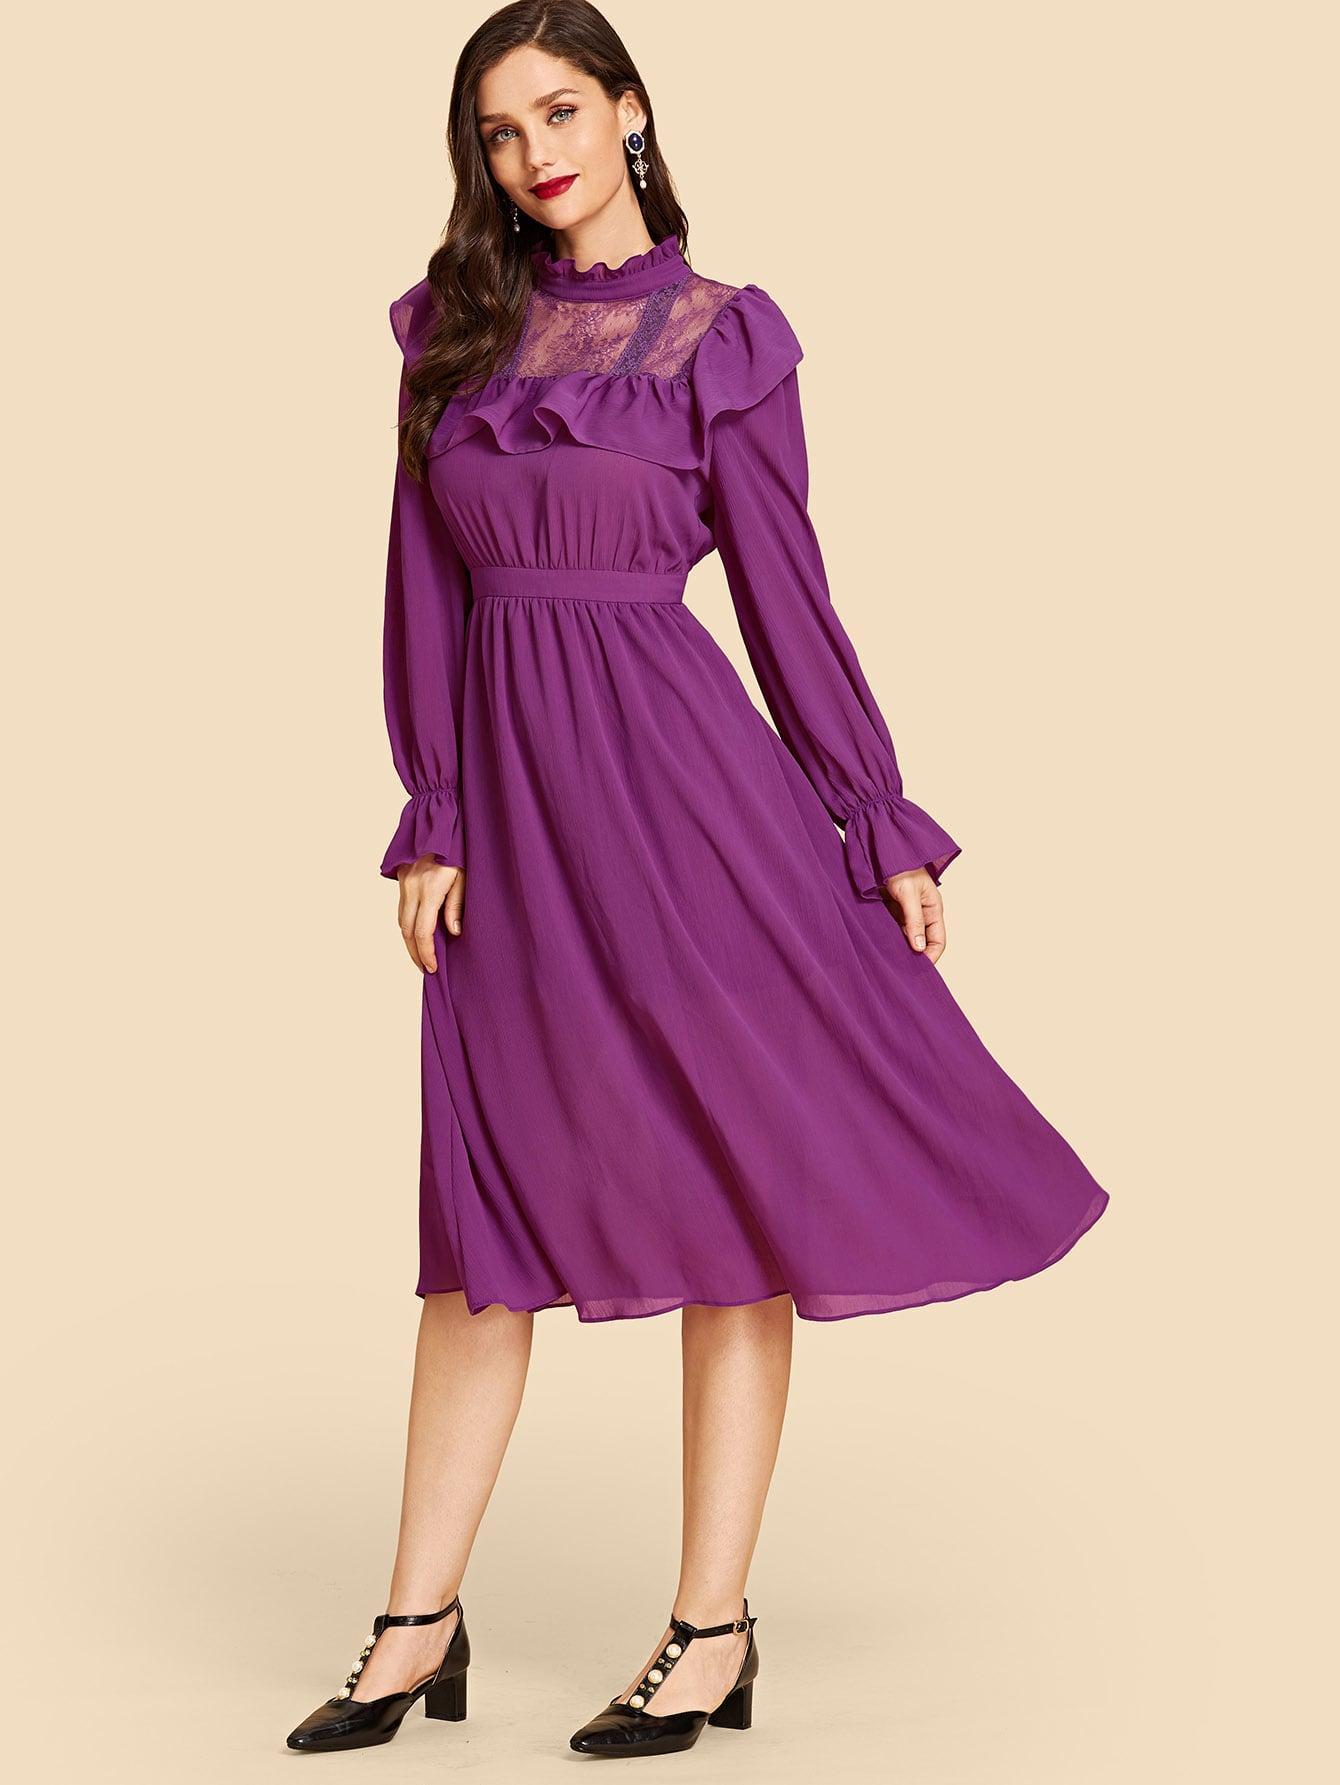 Джинсовые шорты  Фиолетовый цвета